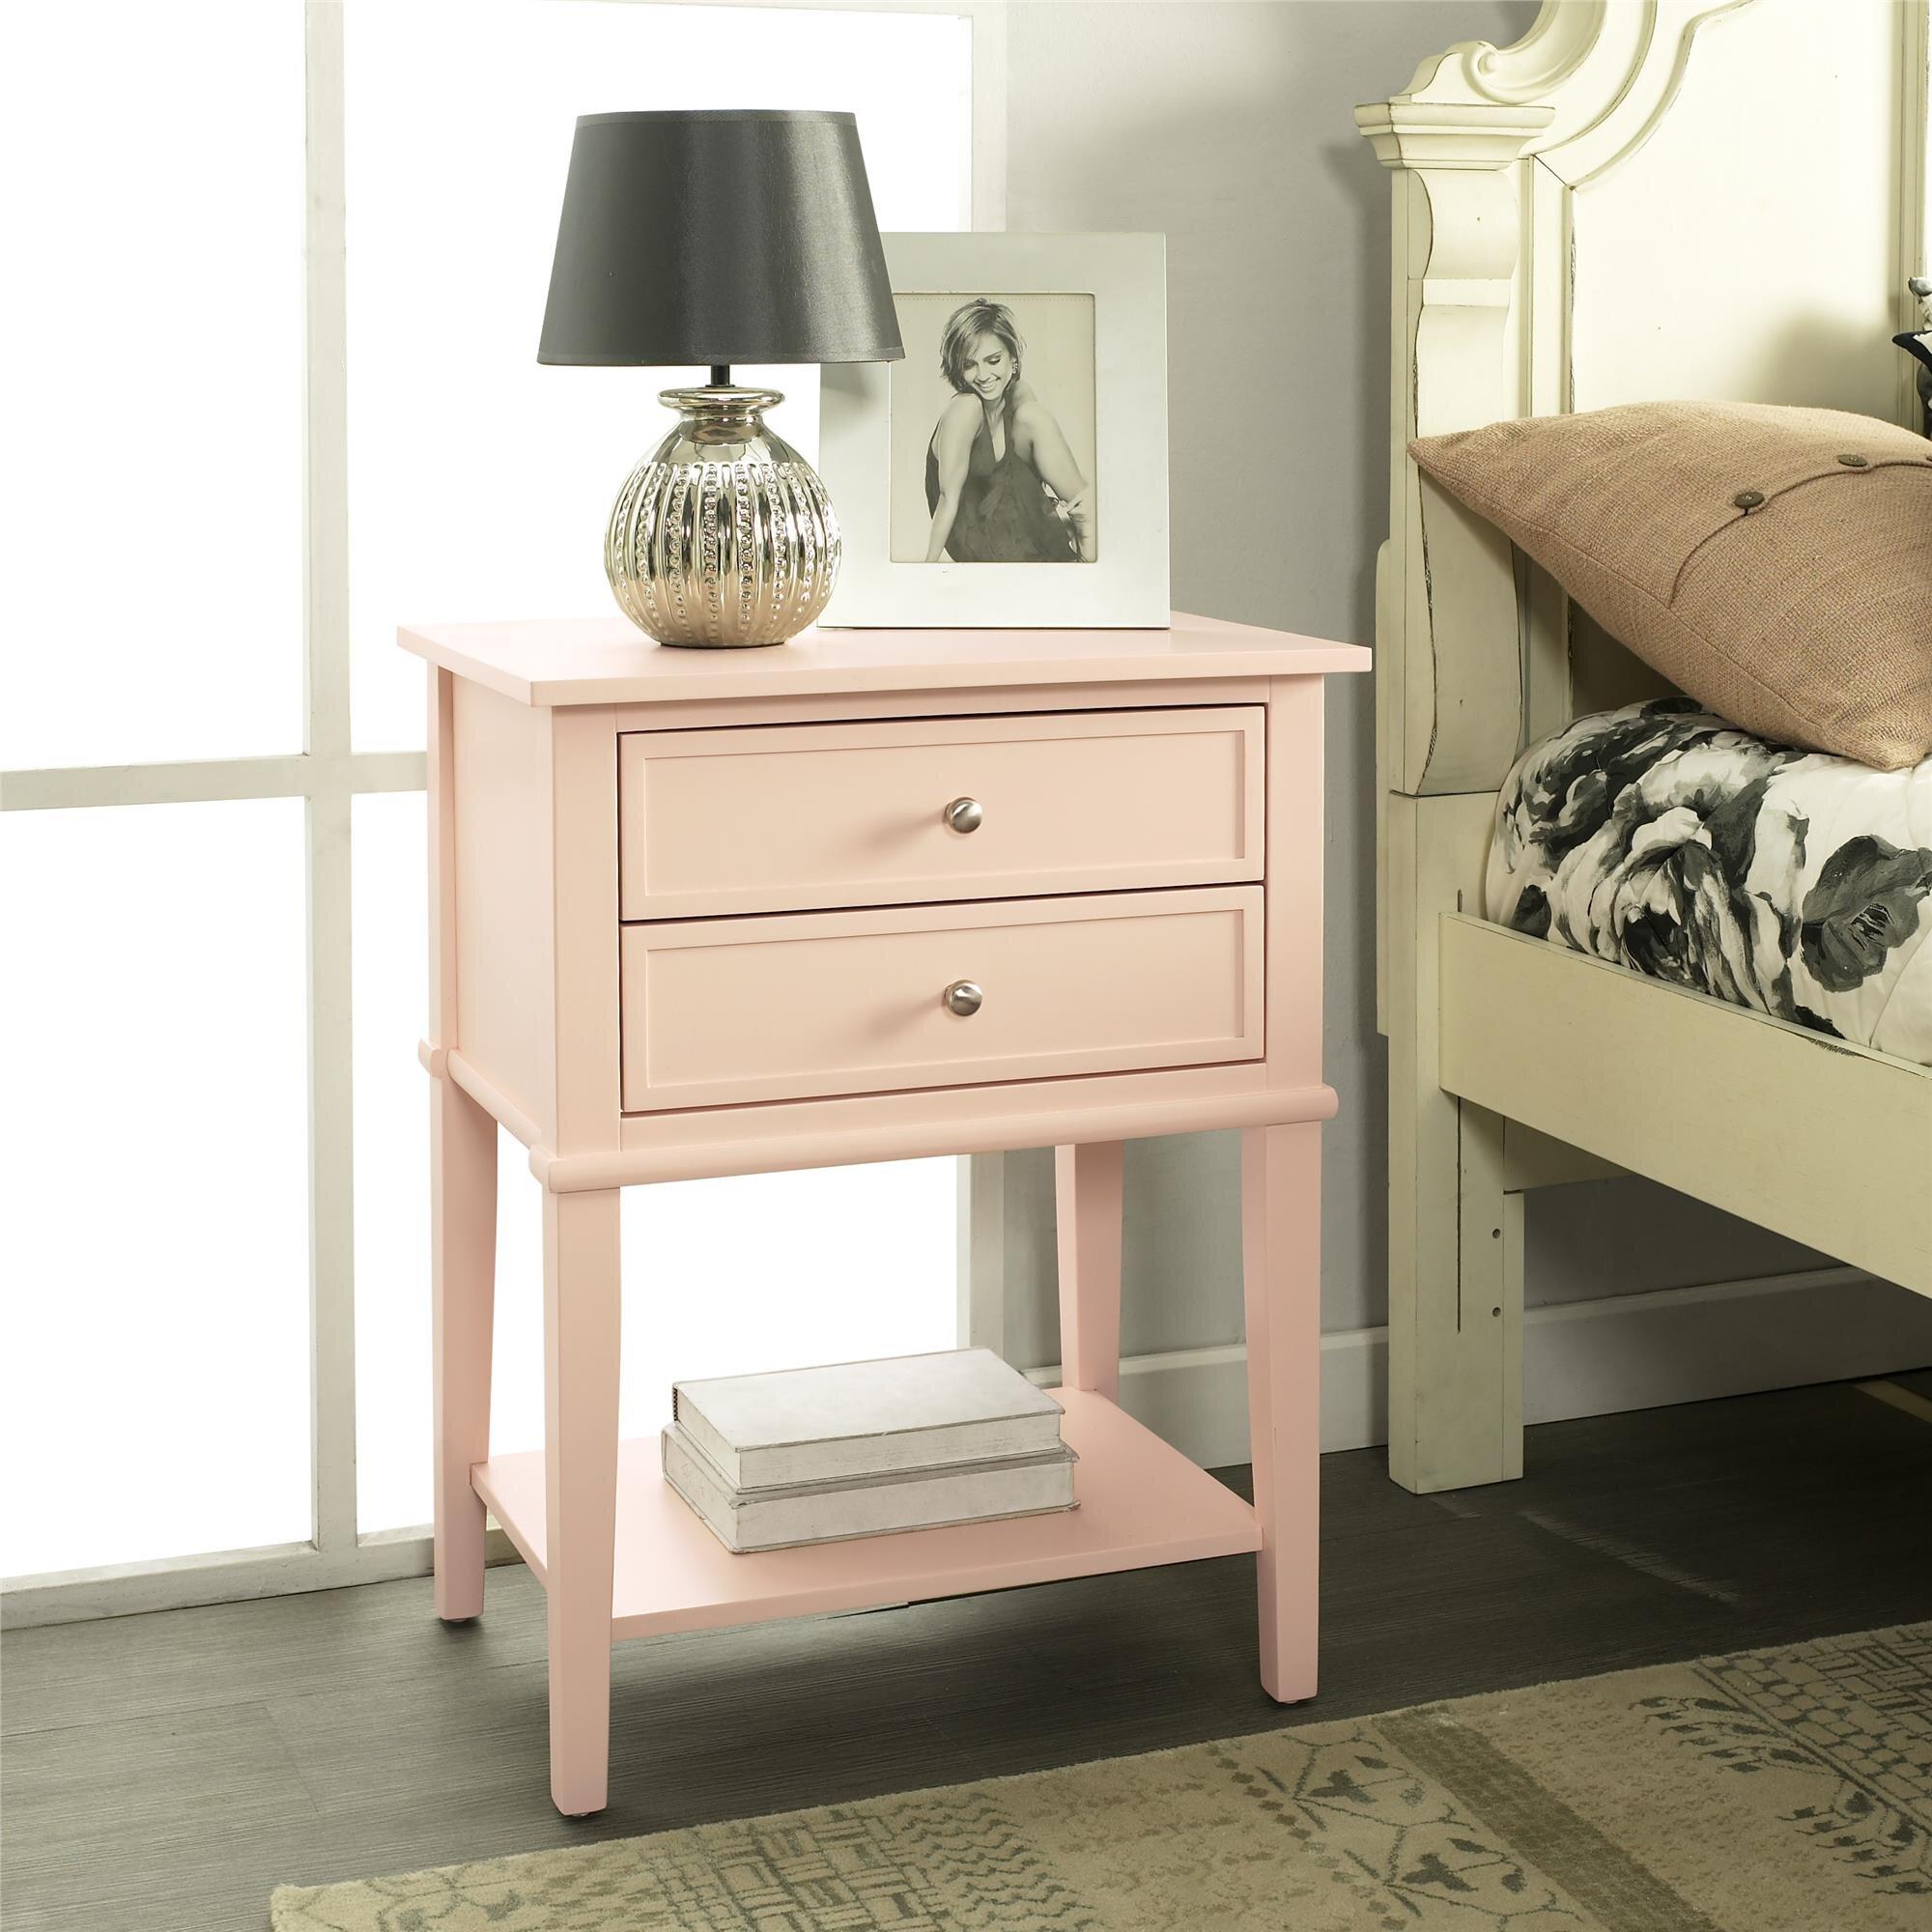 Pink Nightstands You Ll Love In 2021 Wayfair